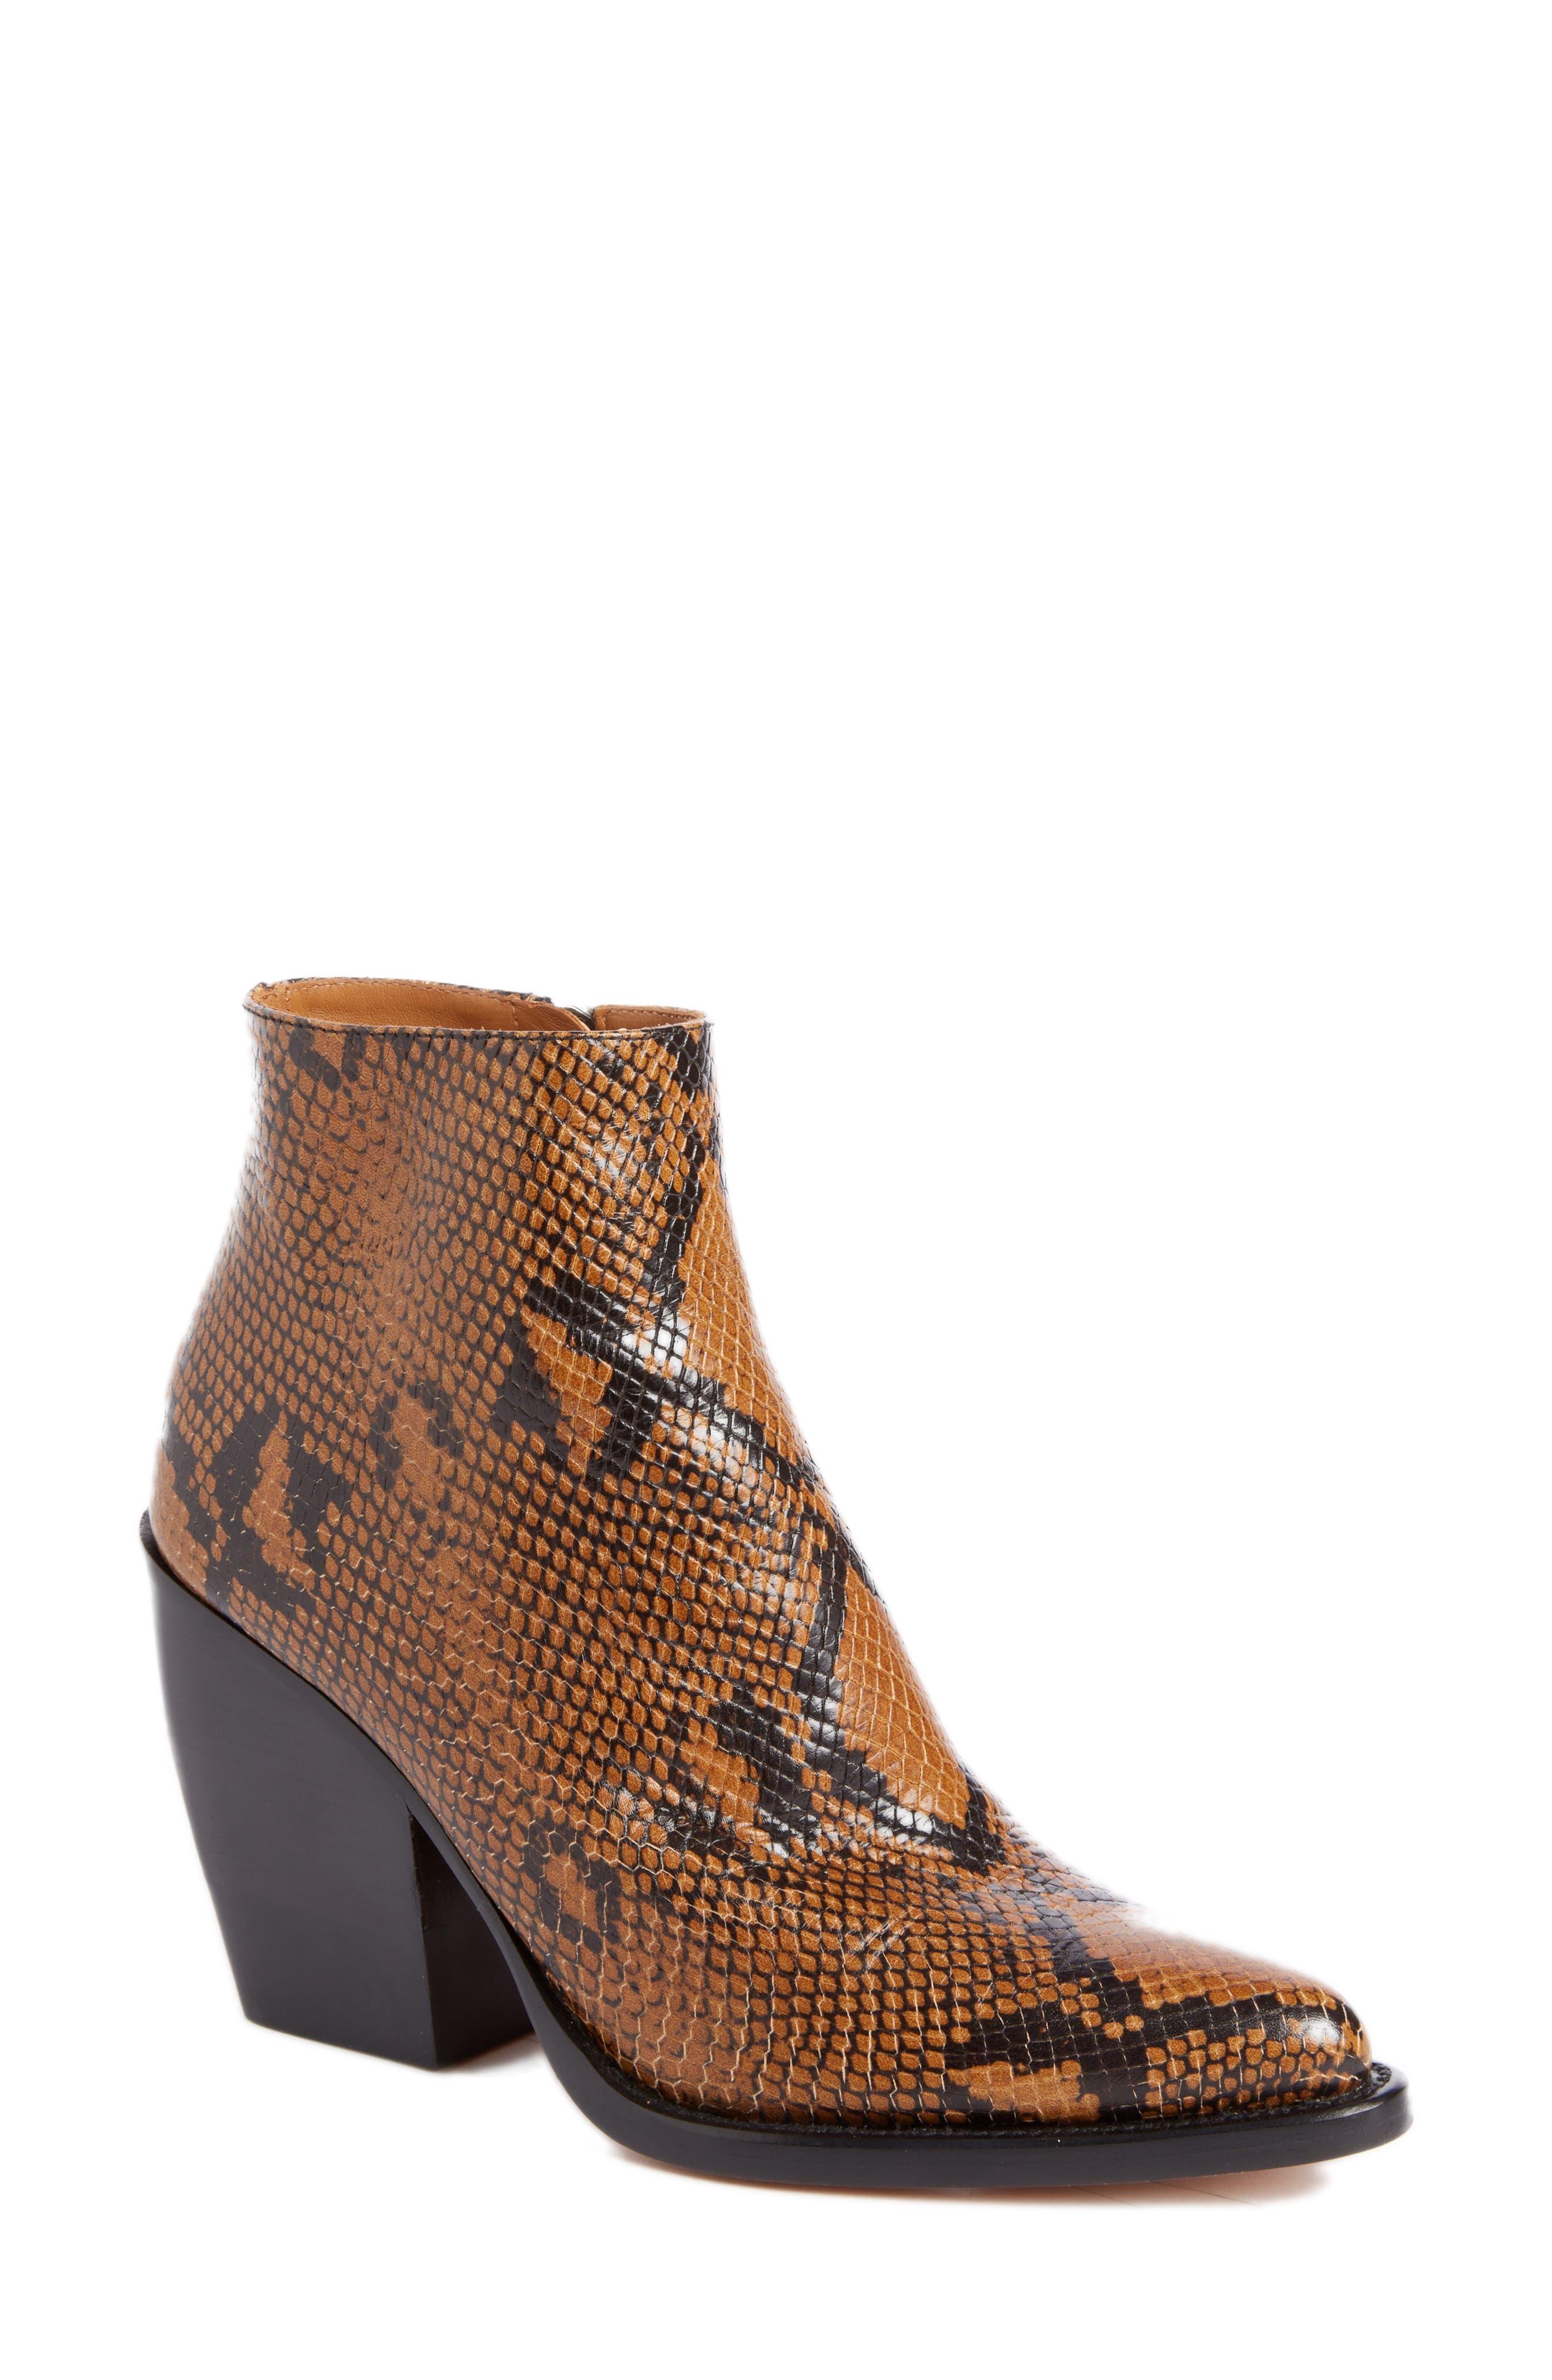 Chloé Rylee Block Heel Bootie (Women)